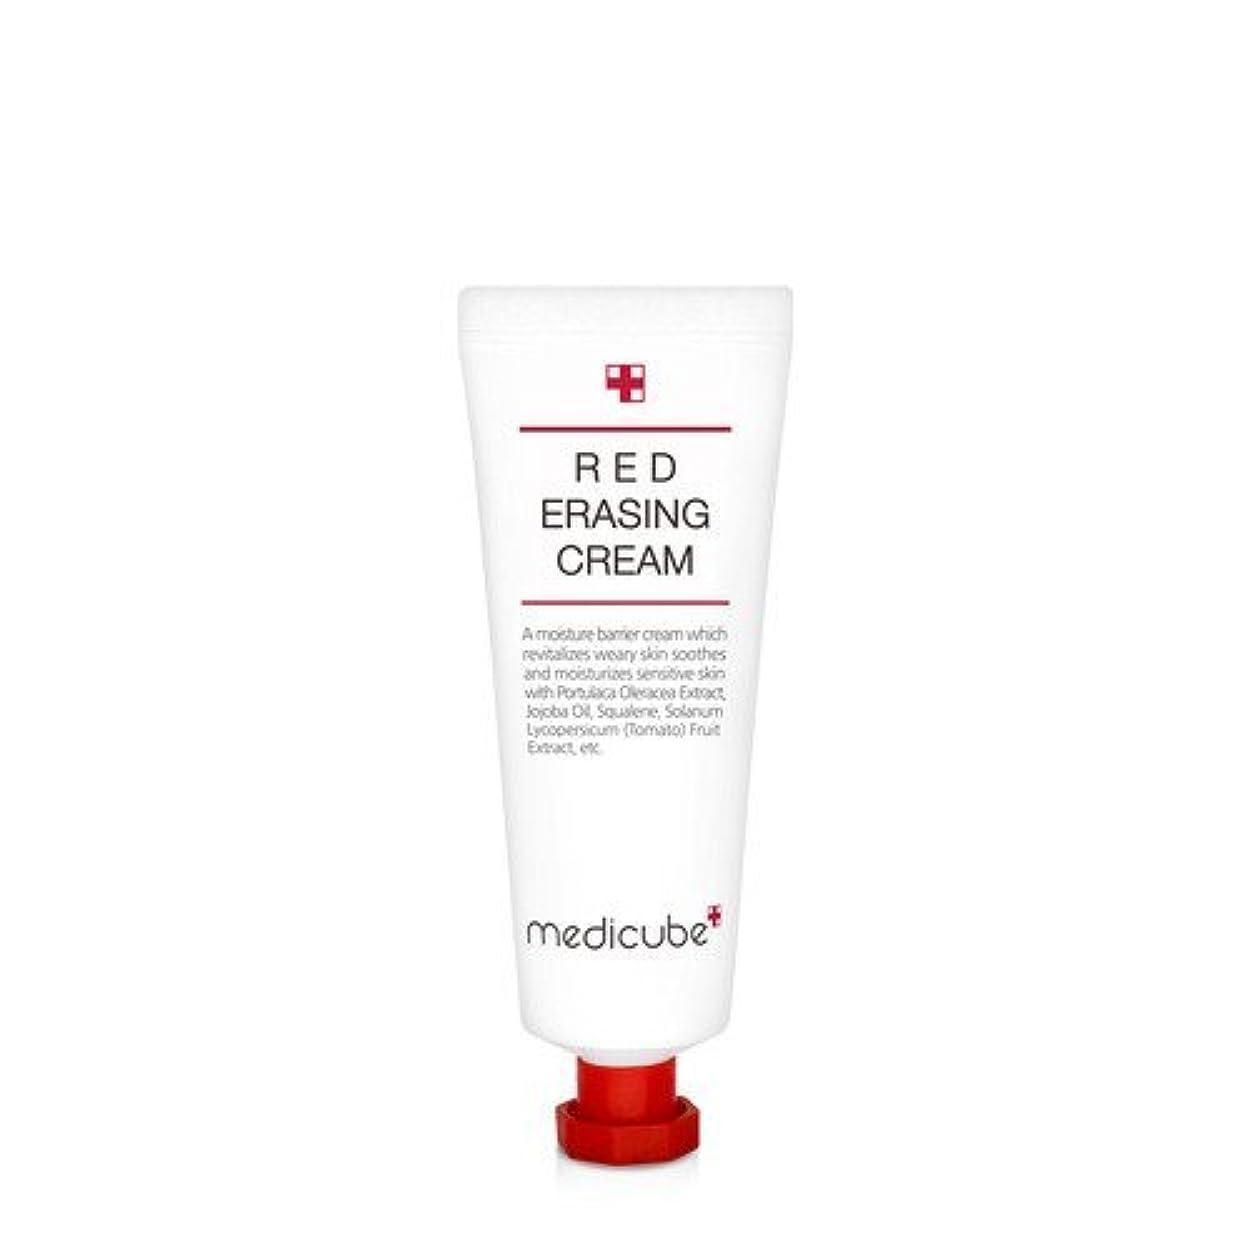 歌手土ページェント[Medicube]Red Erasing Cream 50g / メディキューブレッドイレイジングクリーム / 正品?海外直送商品 [並行輸入品]